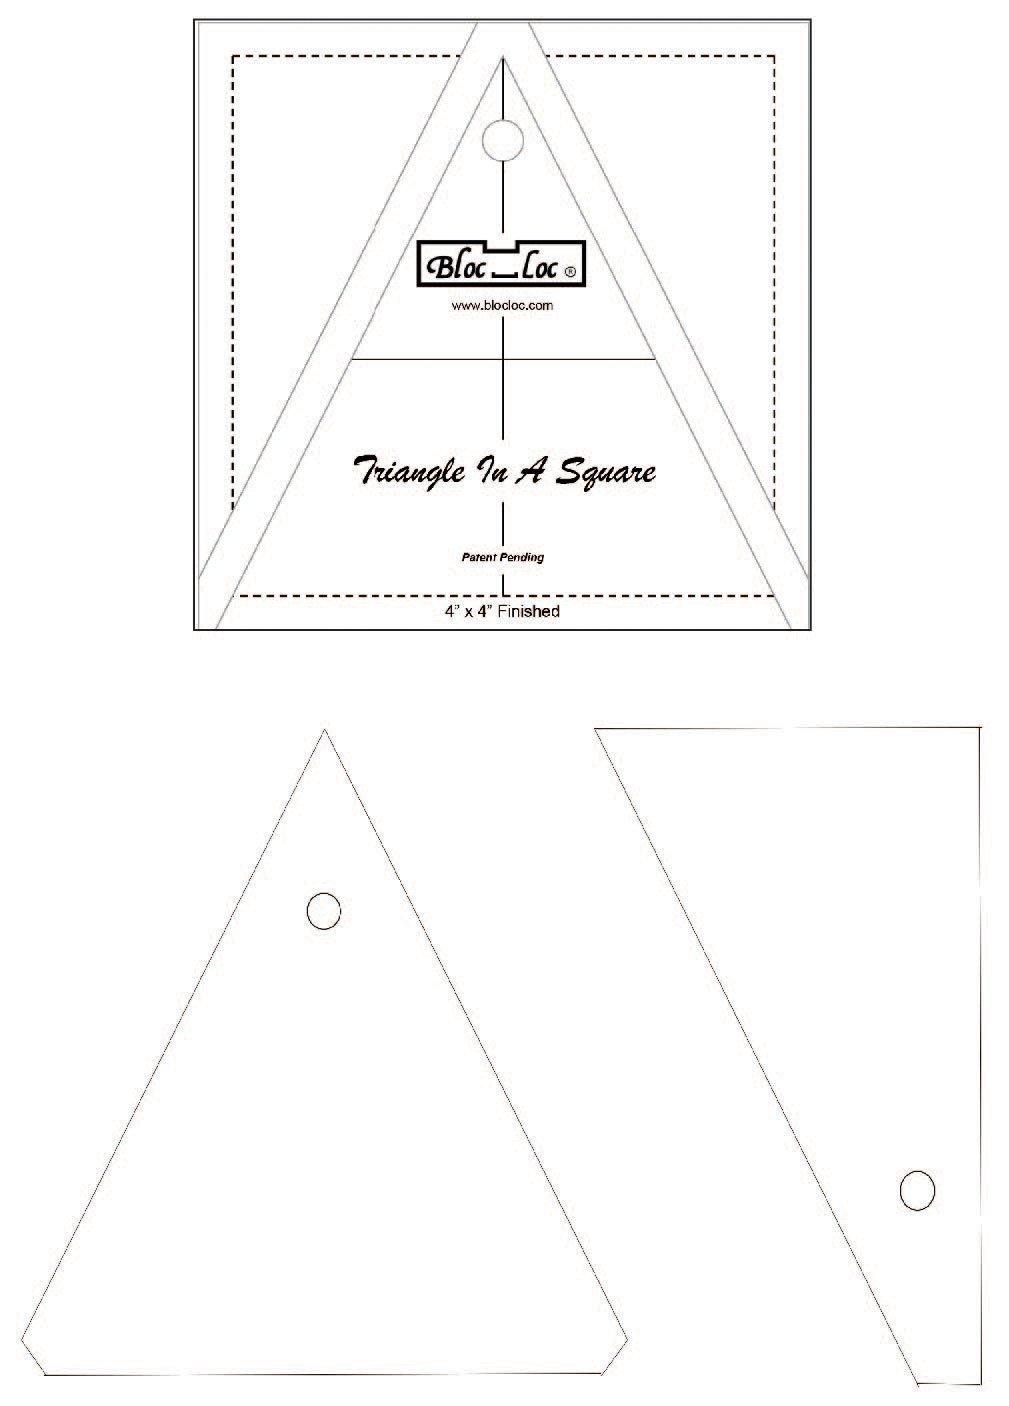 Bloc Loc Triangle in a Square 4 x 4